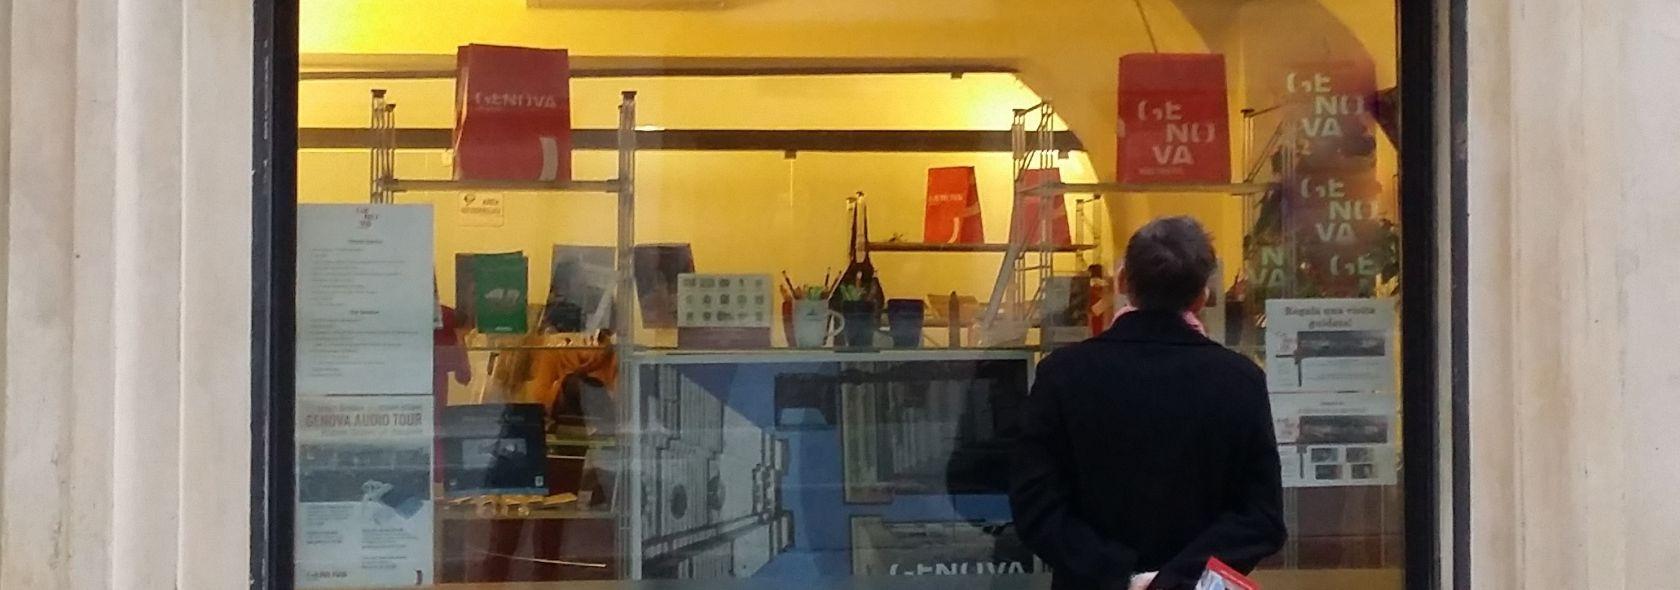 Touristisches Informationsbüro